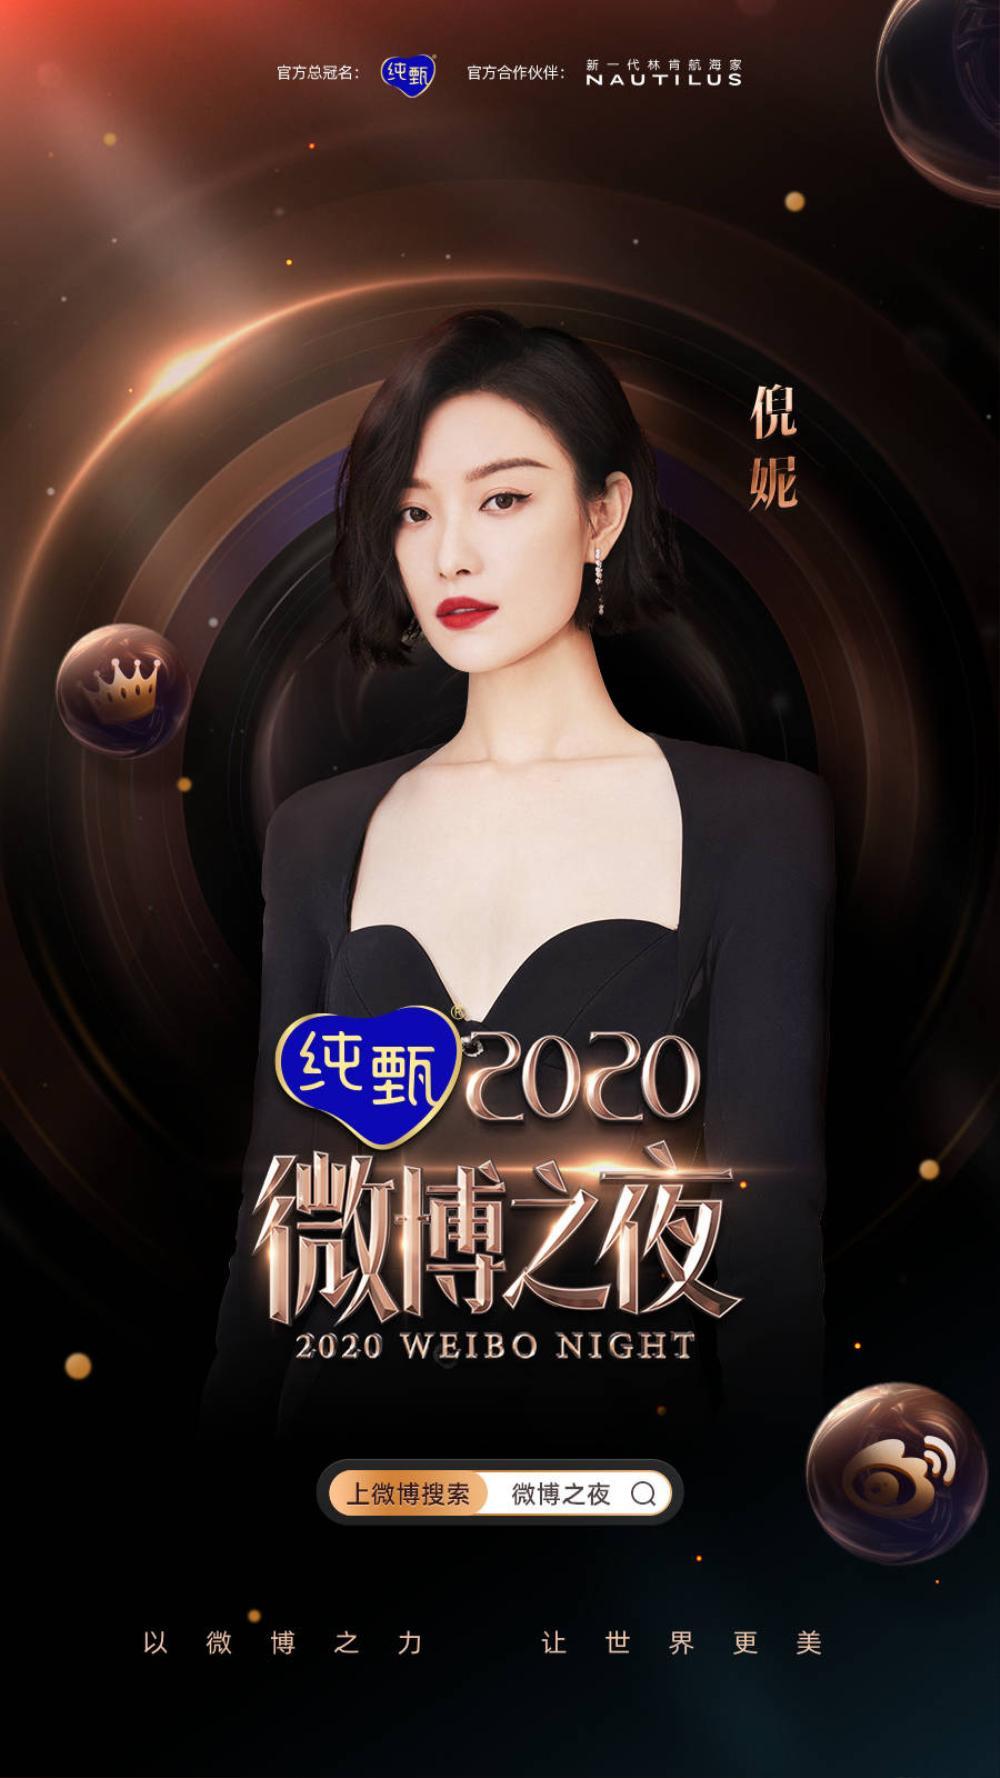 Tiêu Chiến - Địch Lệ Nhiệt Ba và Vương Tuấn Khải xác nhận tham dự 'Đêm hội Weibo 2020' Ảnh 9